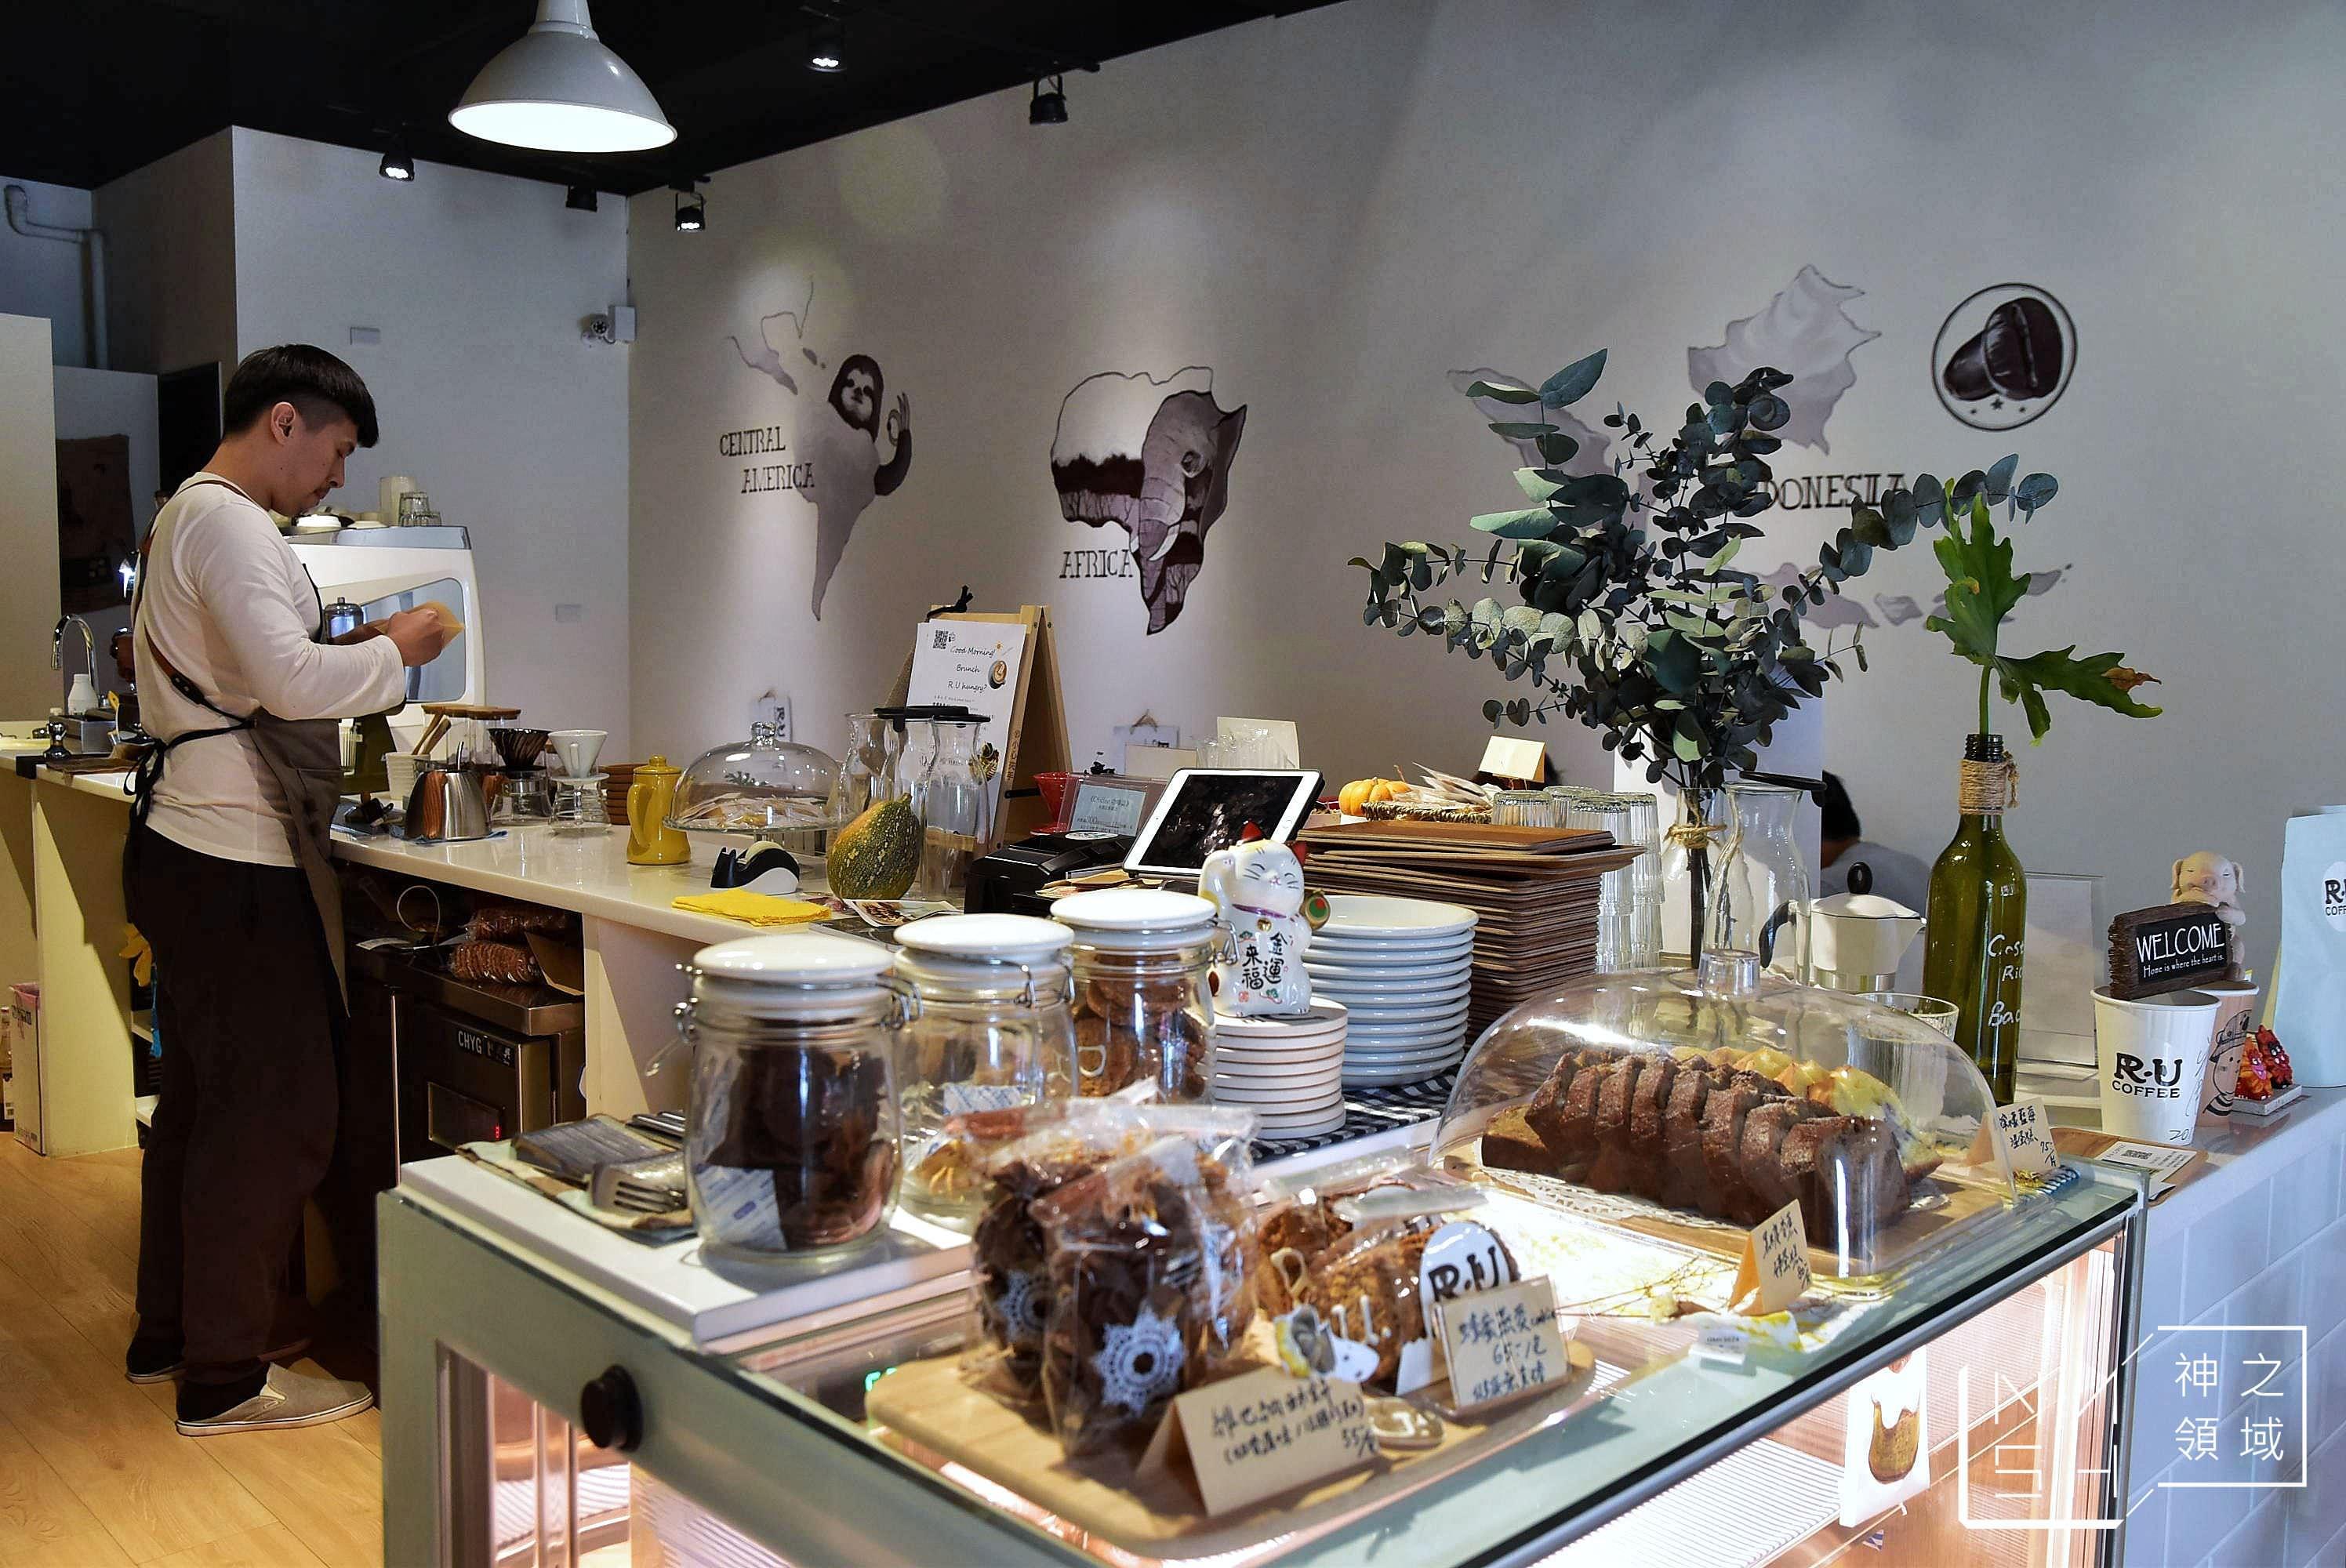 R.U Coffee,天母美食,天母咖啡,芝山咖啡,芝山咖啡推薦